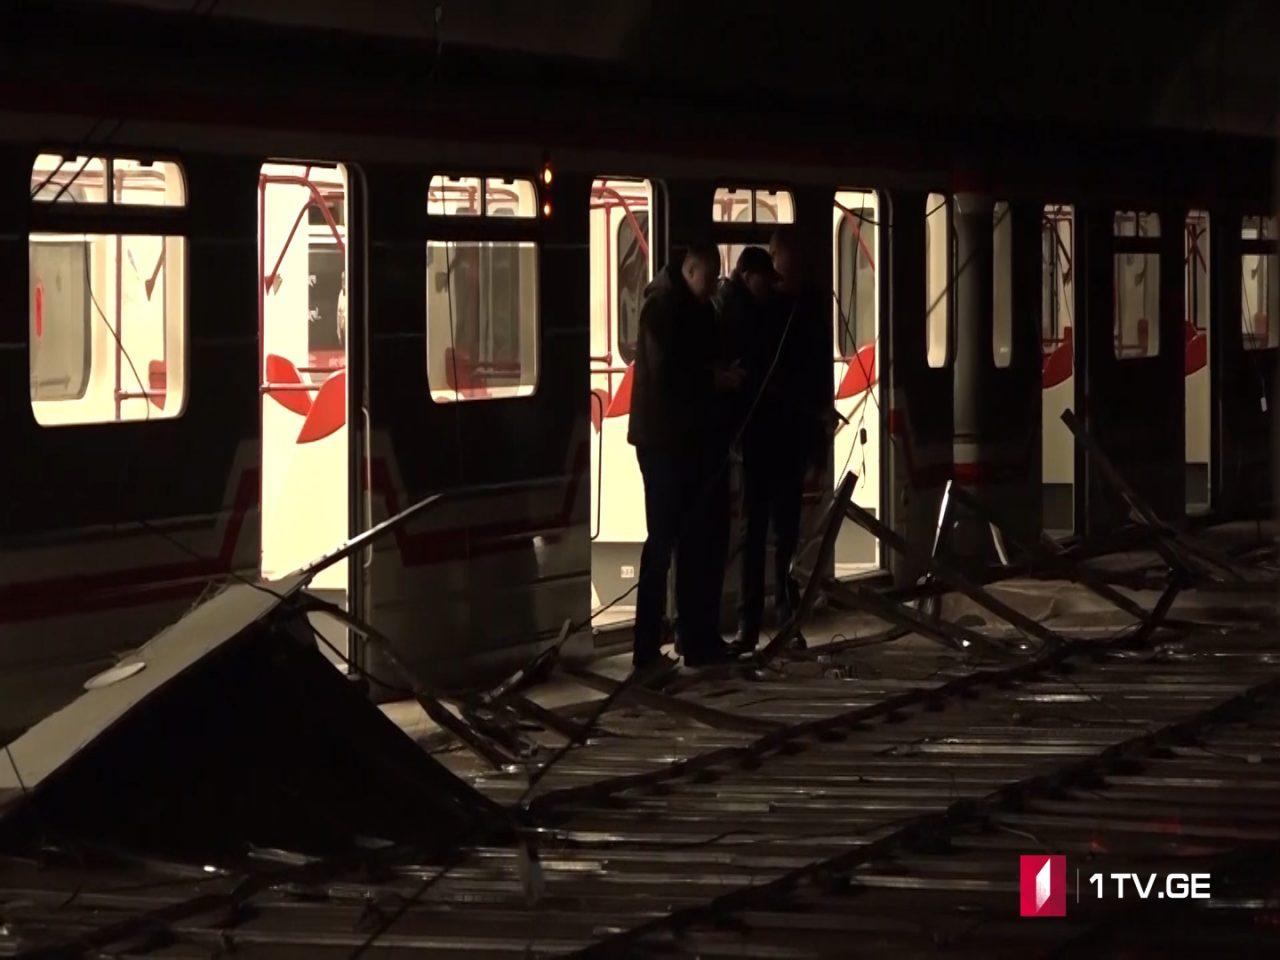 """ახალი ვიდეოკადრები მეტროსადგურ """"ვარკეთილიდან"""", სადაც ჭერის ჩამონგრევისას 14 ადამიანი დაშავდა"""